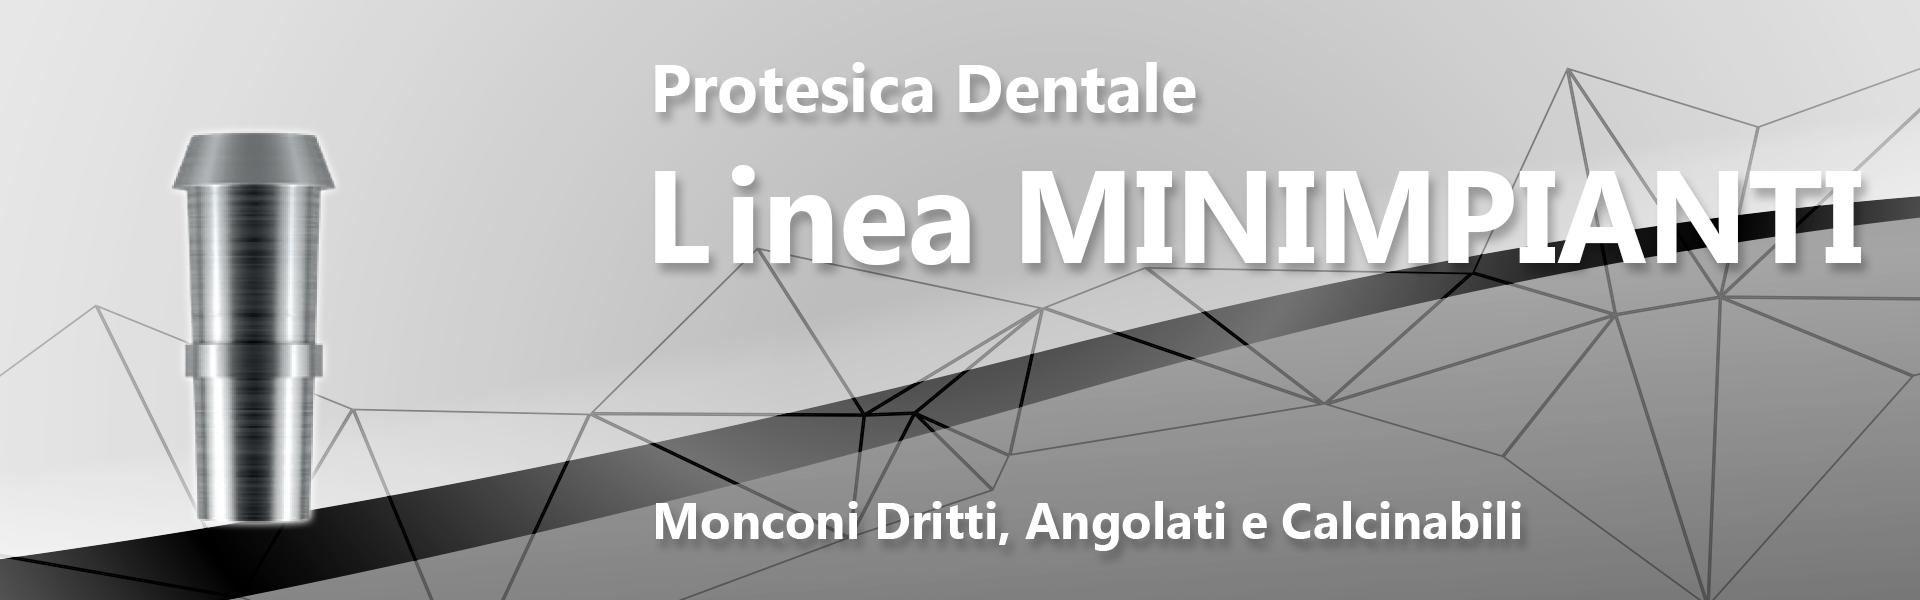 Monconi Dritti, Angolati e Calcinabili